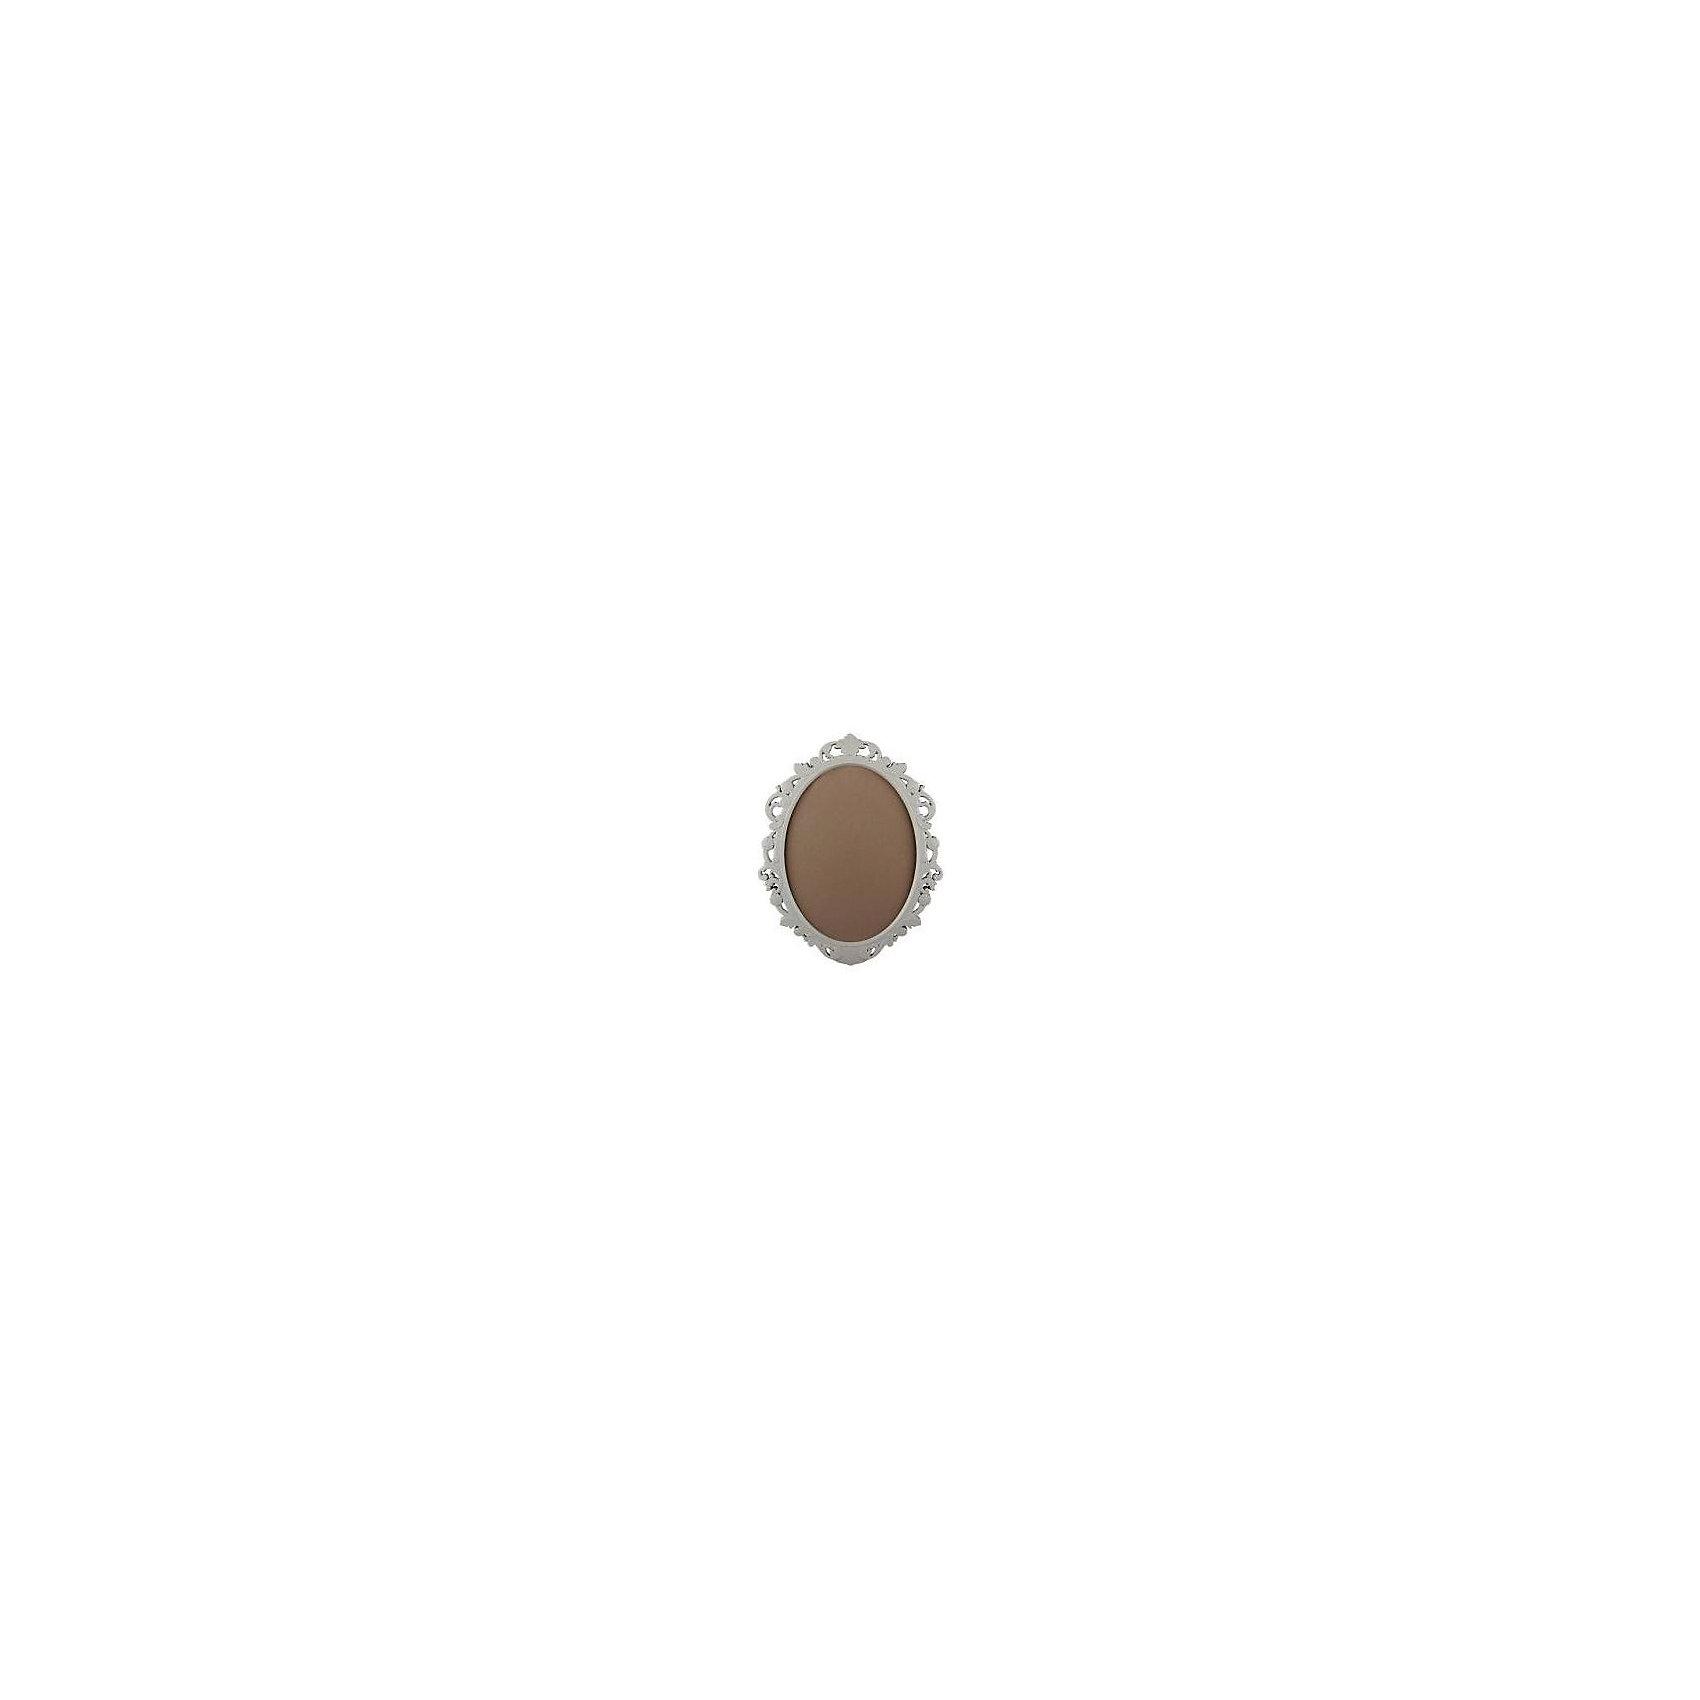 Рамка для фото Ажур (585х470мм), Alternativa, серыйДетские предметы интерьера<br>Характеристики:<br><br>• Предназначение: для фотографий, вышивок, картин<br>• Материал: пластик<br>• Цвет: серый <br>• Размер (Д*Ш):  58,5*47 см<br>• Декор: ажур<br>• Форма: овальная<br>• Особенности ухода: разрешается протирать влажной губкой<br><br>Рамка для фото Ажур (585х470мм), Alternativa, серый изготовлен отечественным производителем ООО ЗПИ Альтернатива, который специализируется на выпуске широкого спектра изделий и предметов мебели из пластика. Рамка выполнена из экологически безопасного материала, устойчивого к механическим повреждениям и изменению цвета. Имеет компактный размер, легкий вес и классическую овальную форму. Рамка оформлена ажурным объемным декором, ее можно использовать не только для оформления фотографий, но и для вышивок, картин, что позволит создать яркие детали вашего интерьера. Рамка для фото Ажур (585х470мм), Alternativa, серый может стать прекрасным решением для подарка к любому празднику.<br><br>Рамку для фото Ажур (585х470мм), Alternativa, серую можно купить в нашем интернет-магазине.<br><br>Ширина мм: 125<br>Глубина мм: 90<br>Высота мм: 215<br>Вес г: 316<br>Возраст от месяцев: 6<br>Возраст до месяцев: 84<br>Пол: Унисекс<br>Возраст: Детский<br>SKU: 5096681